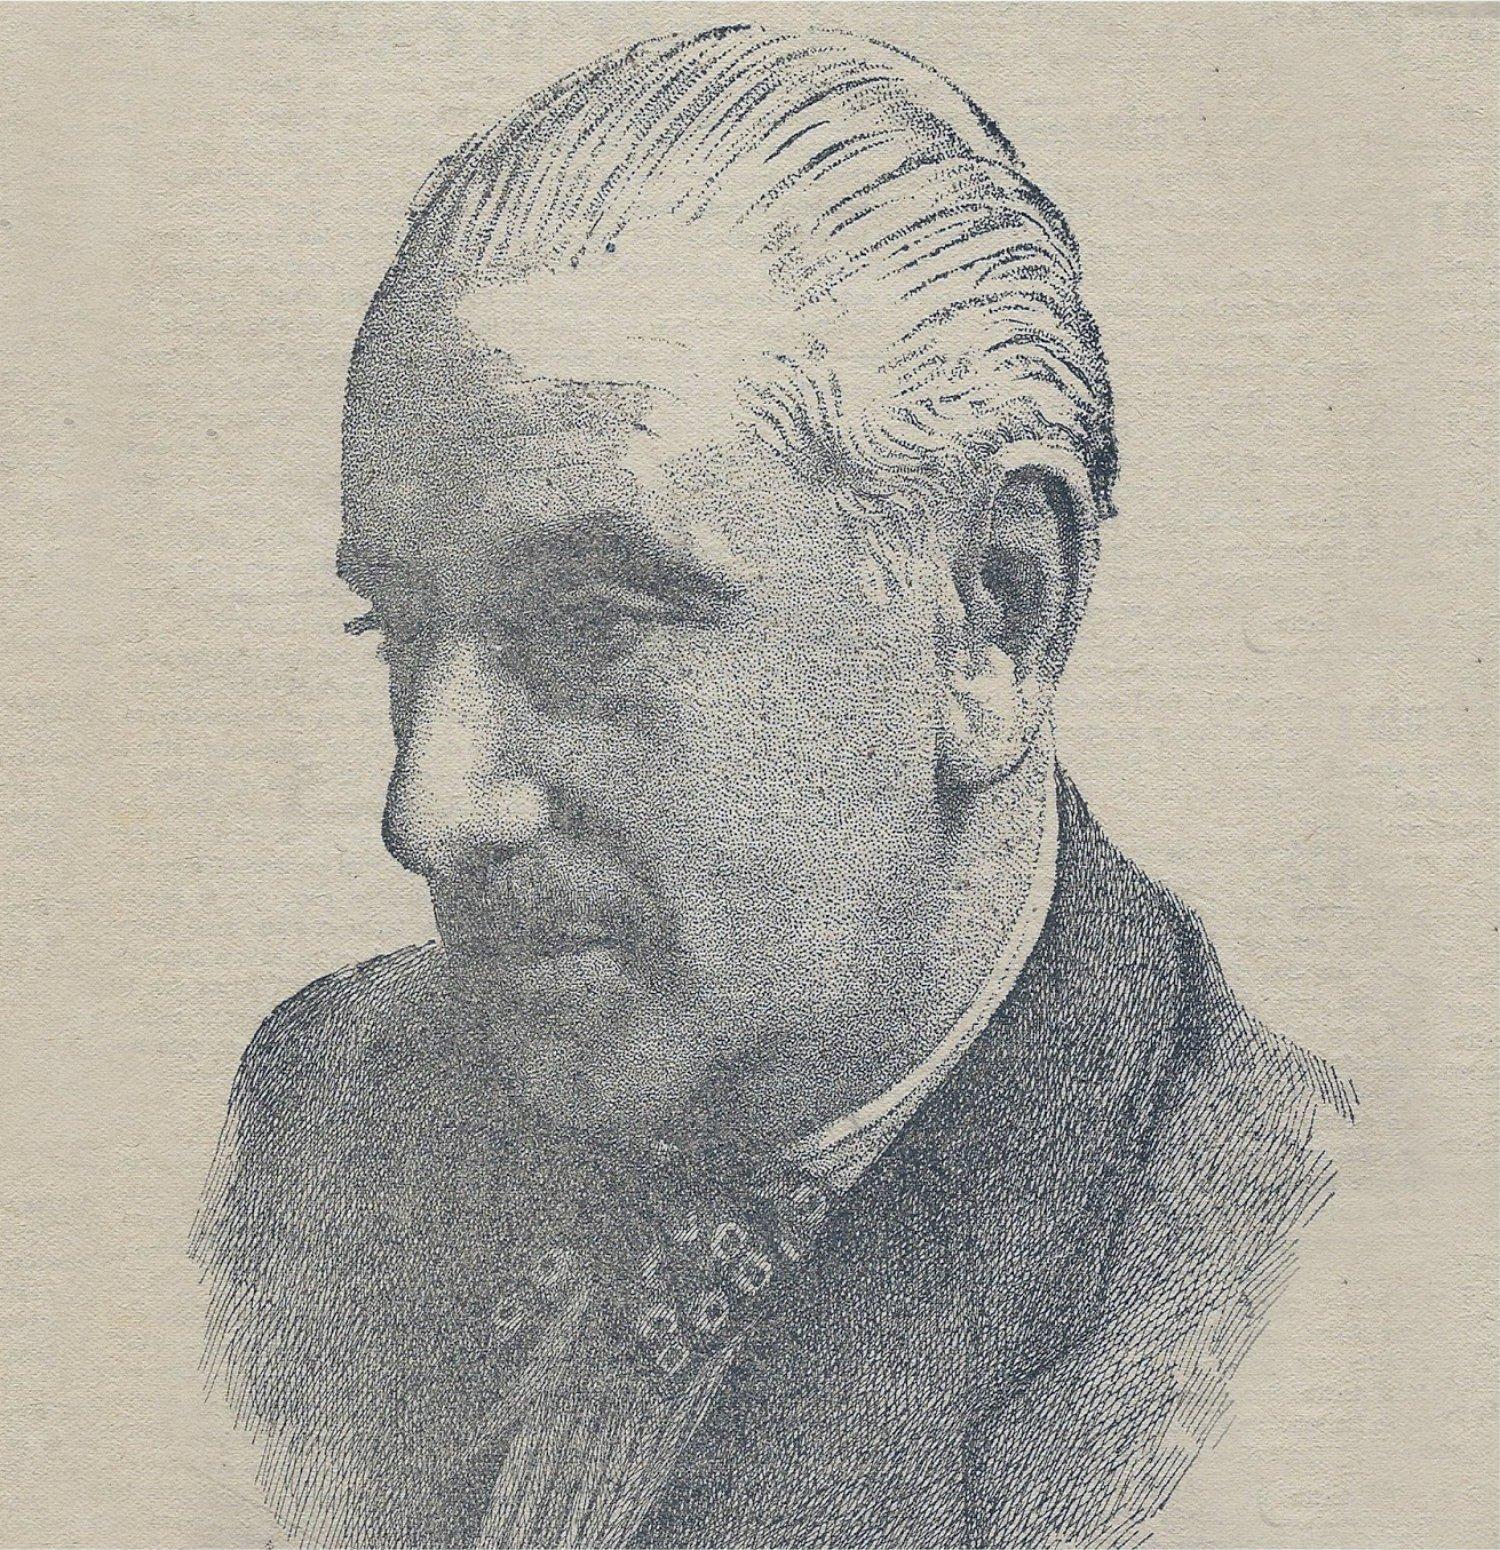 José María Pemán (Miscelánea Turolense)